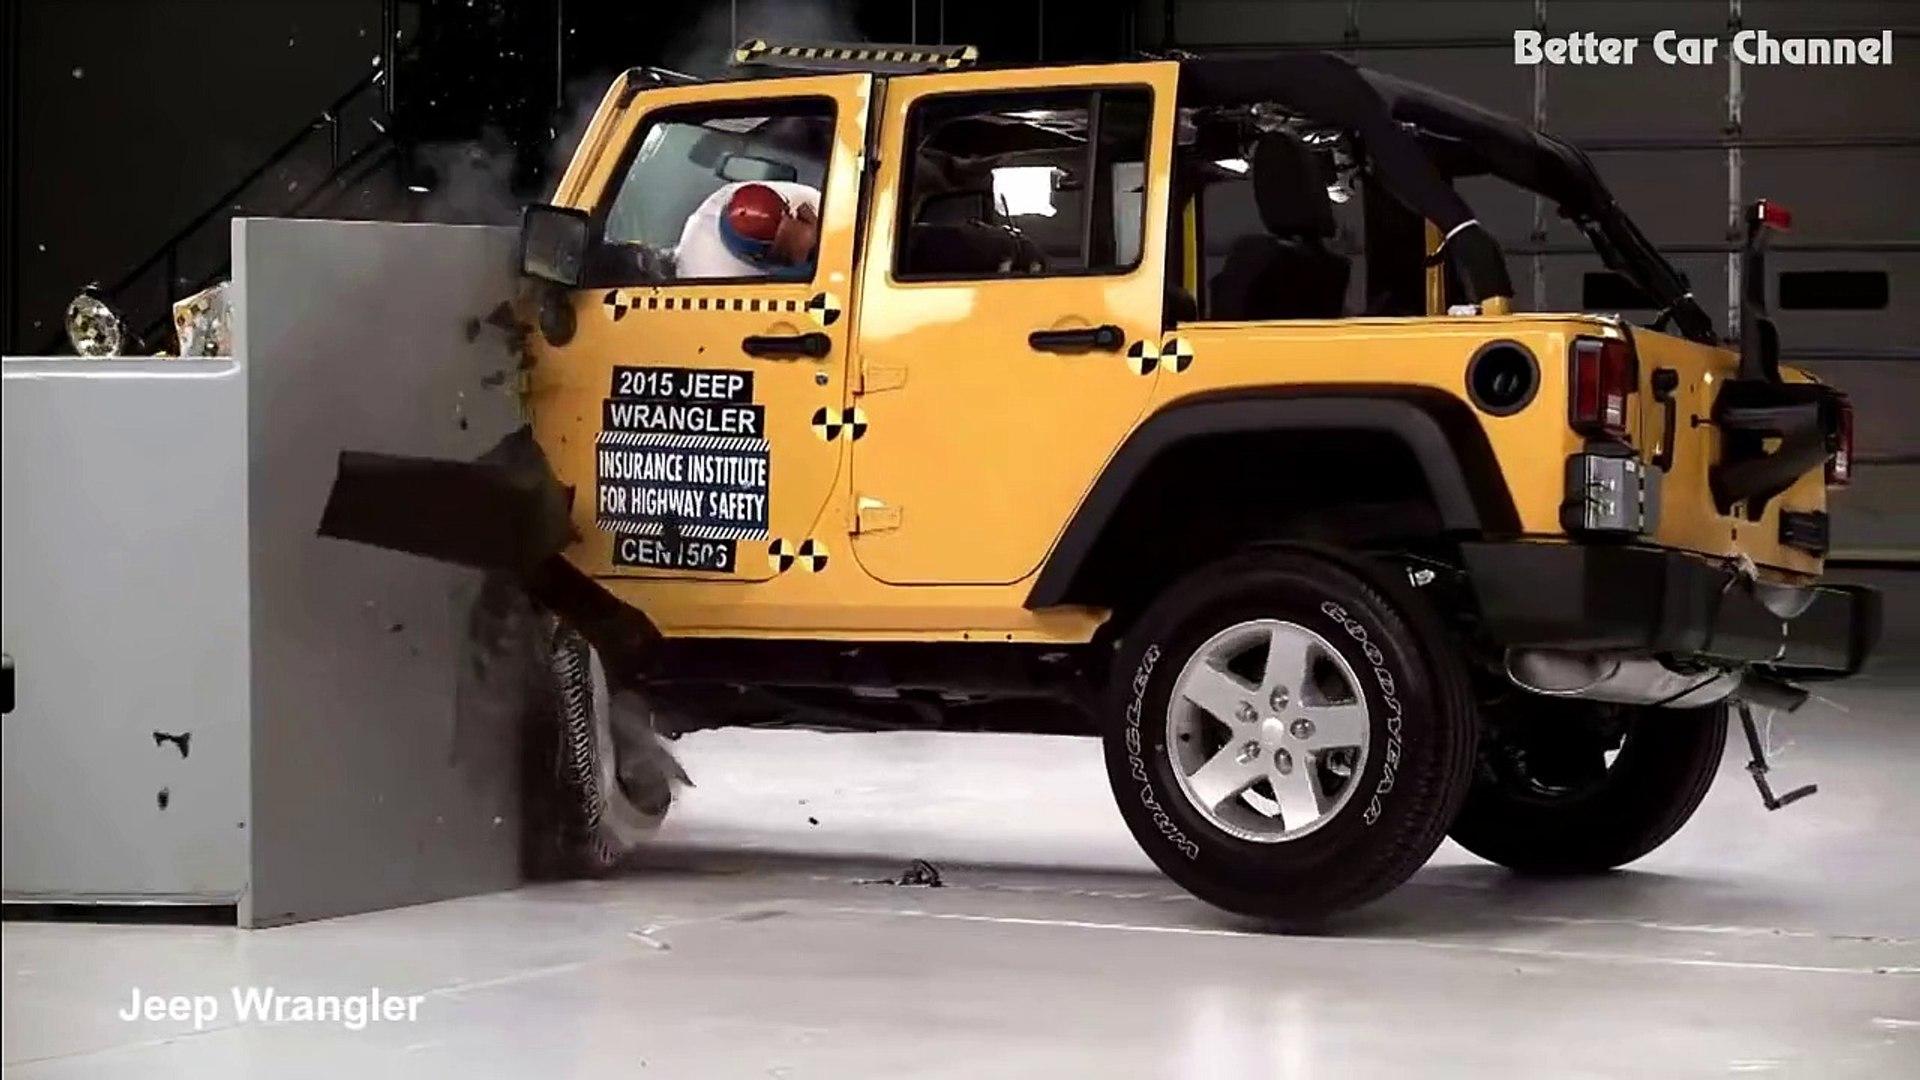 [CRASH TEST] 2015 Jeep Wrangler vs Toyota 4Runner on